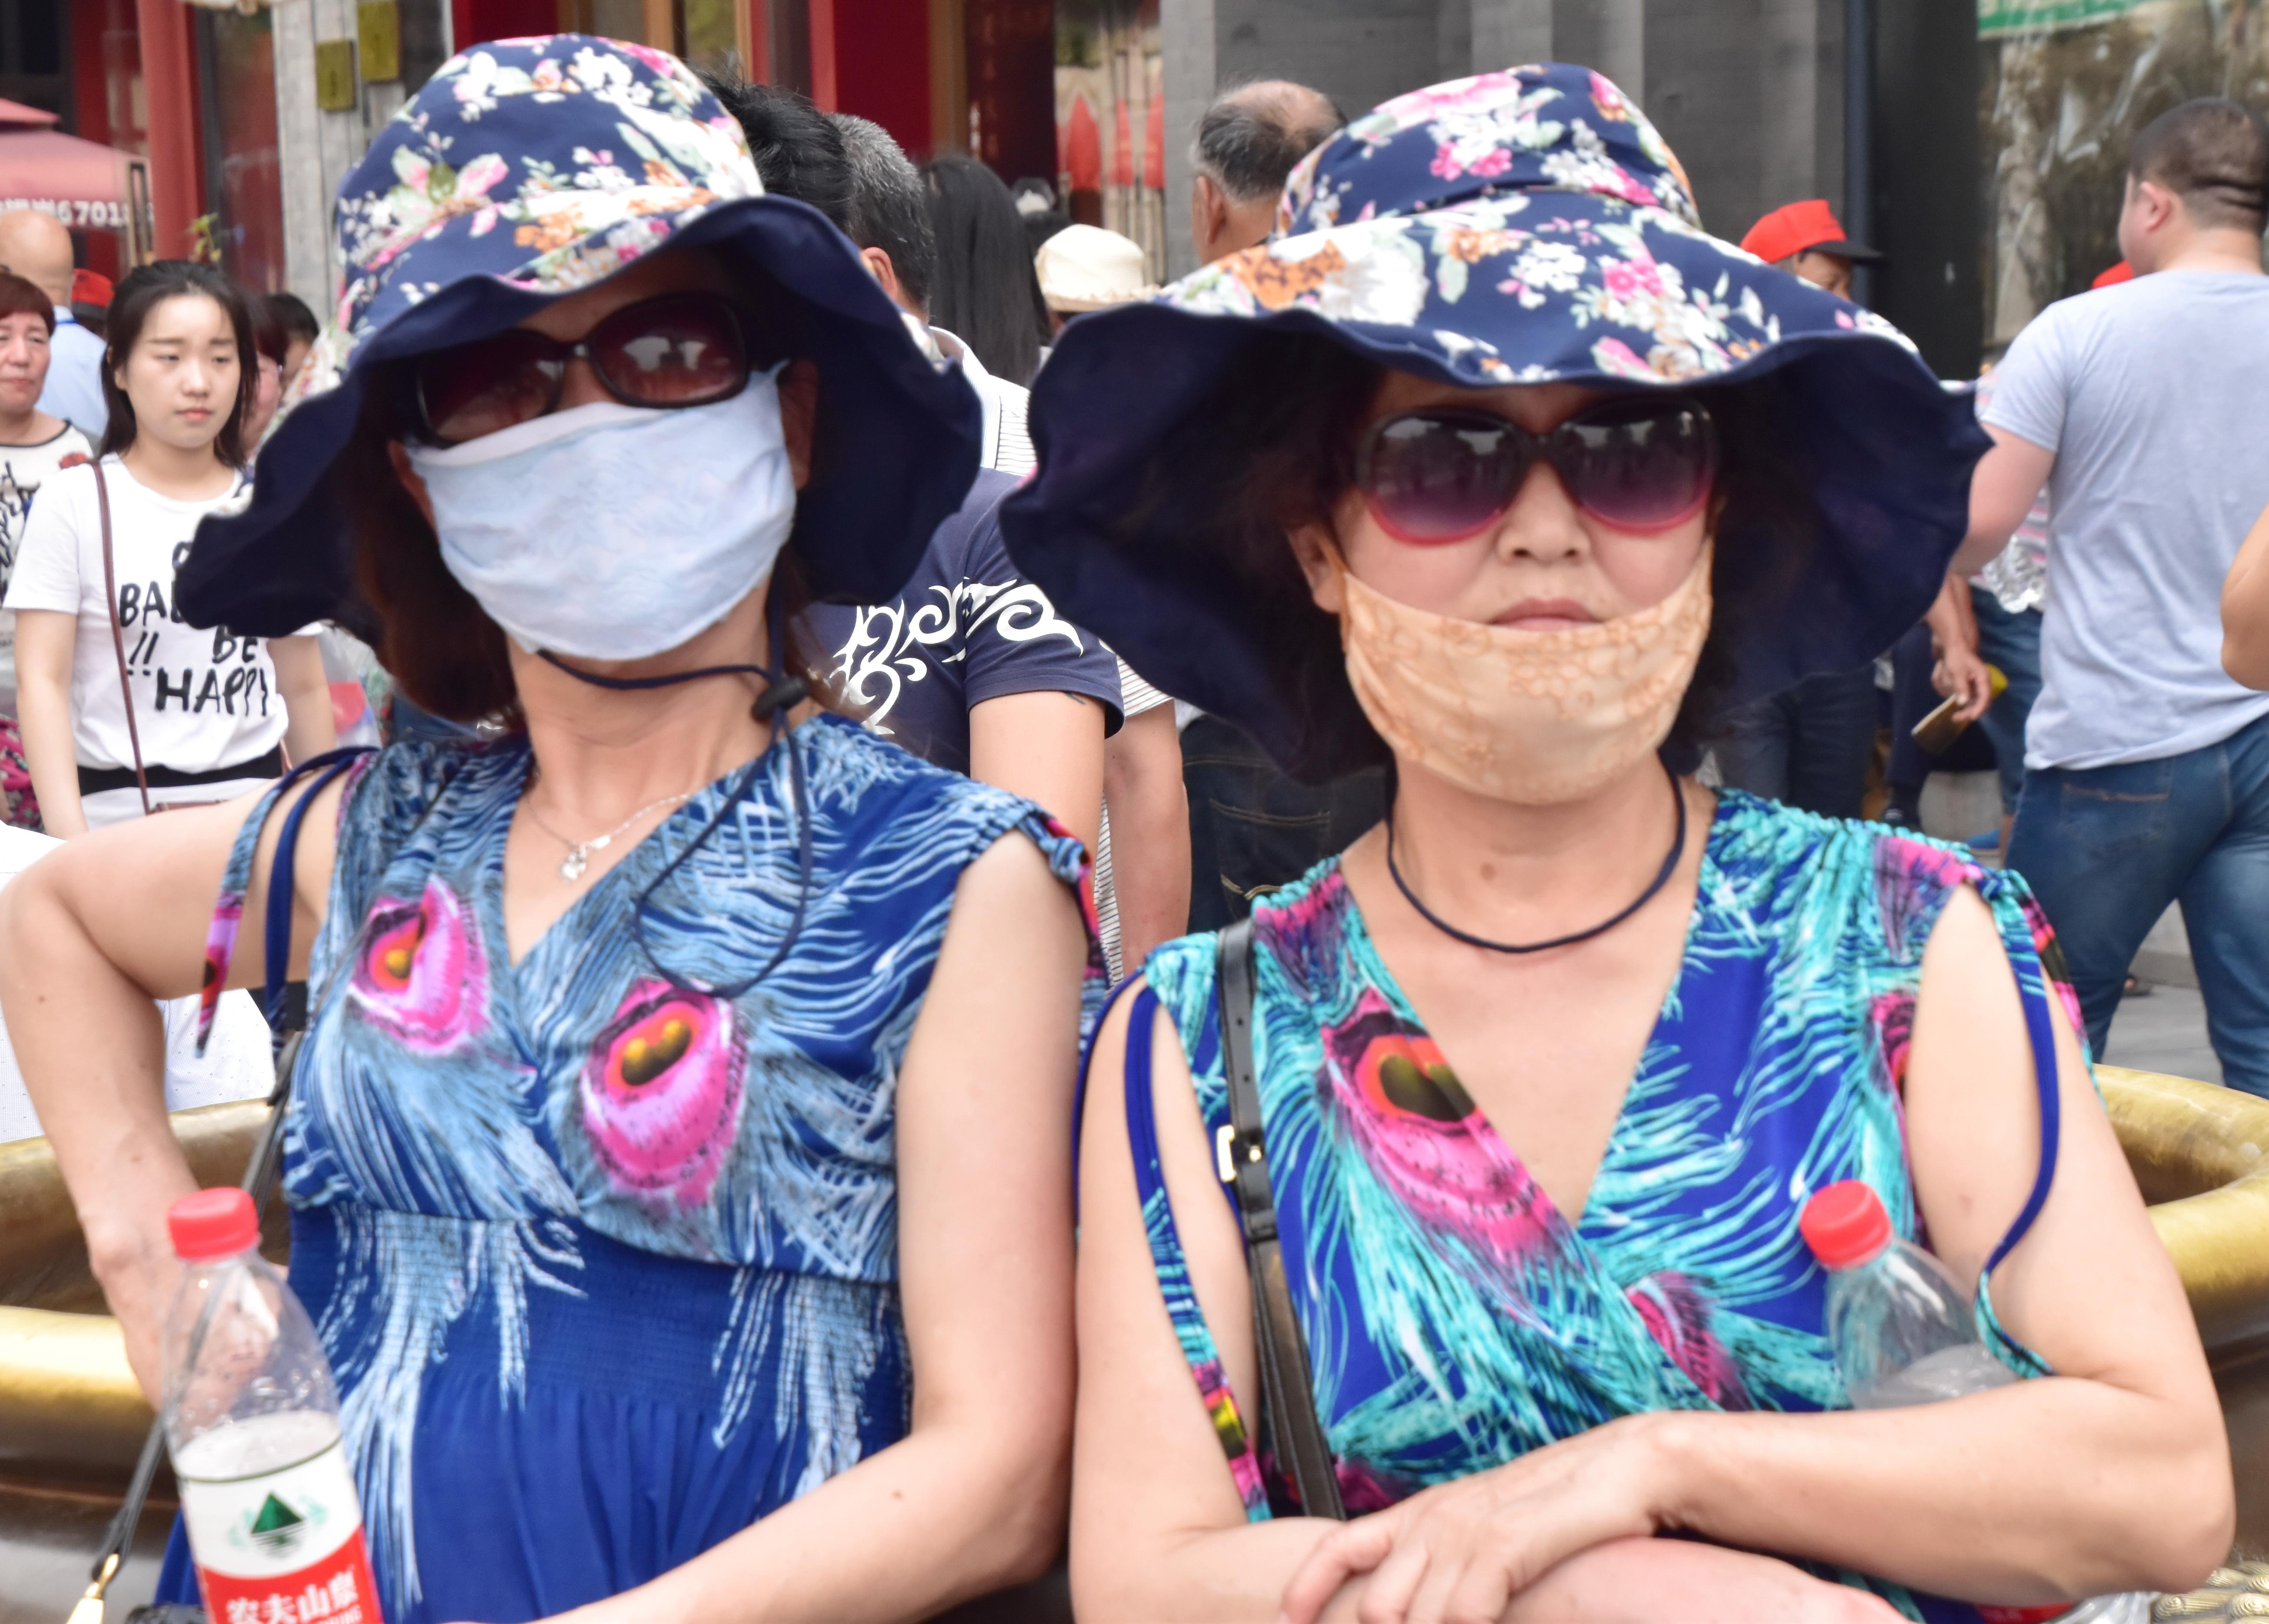 סין - אחיות עם כובעים